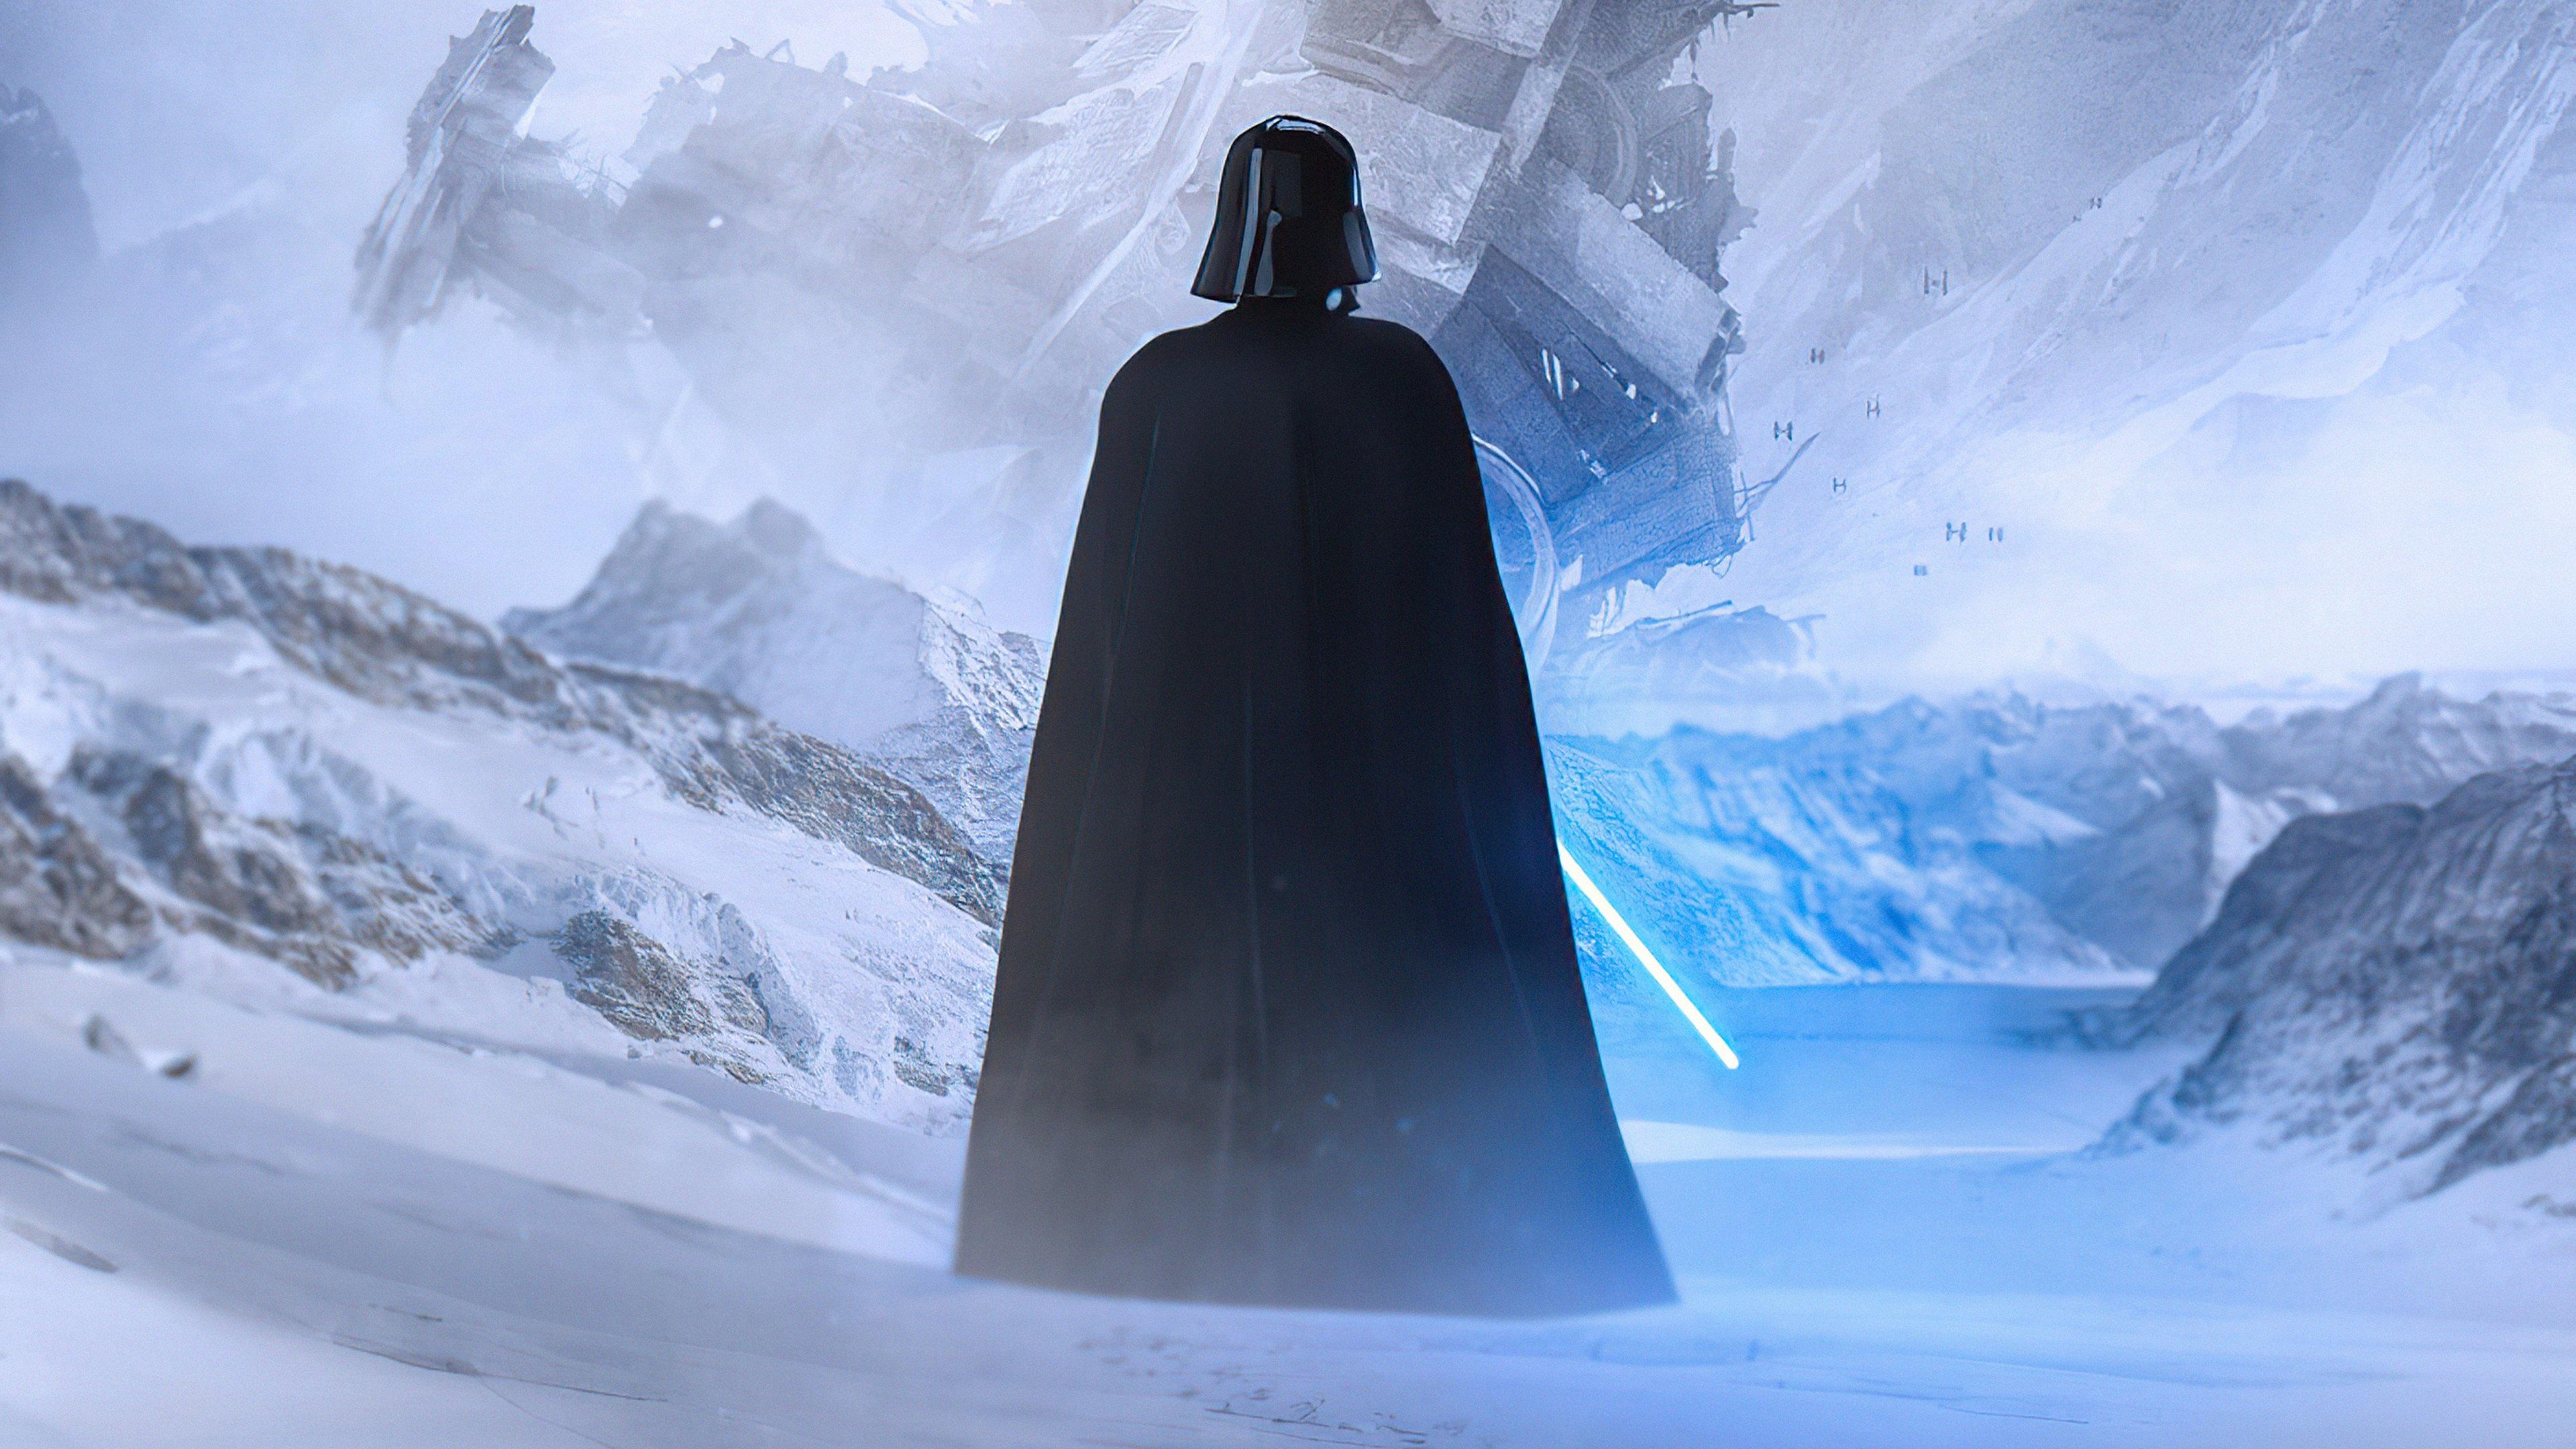 Fondos de pantalla Darth Vader personaje de Star Wars